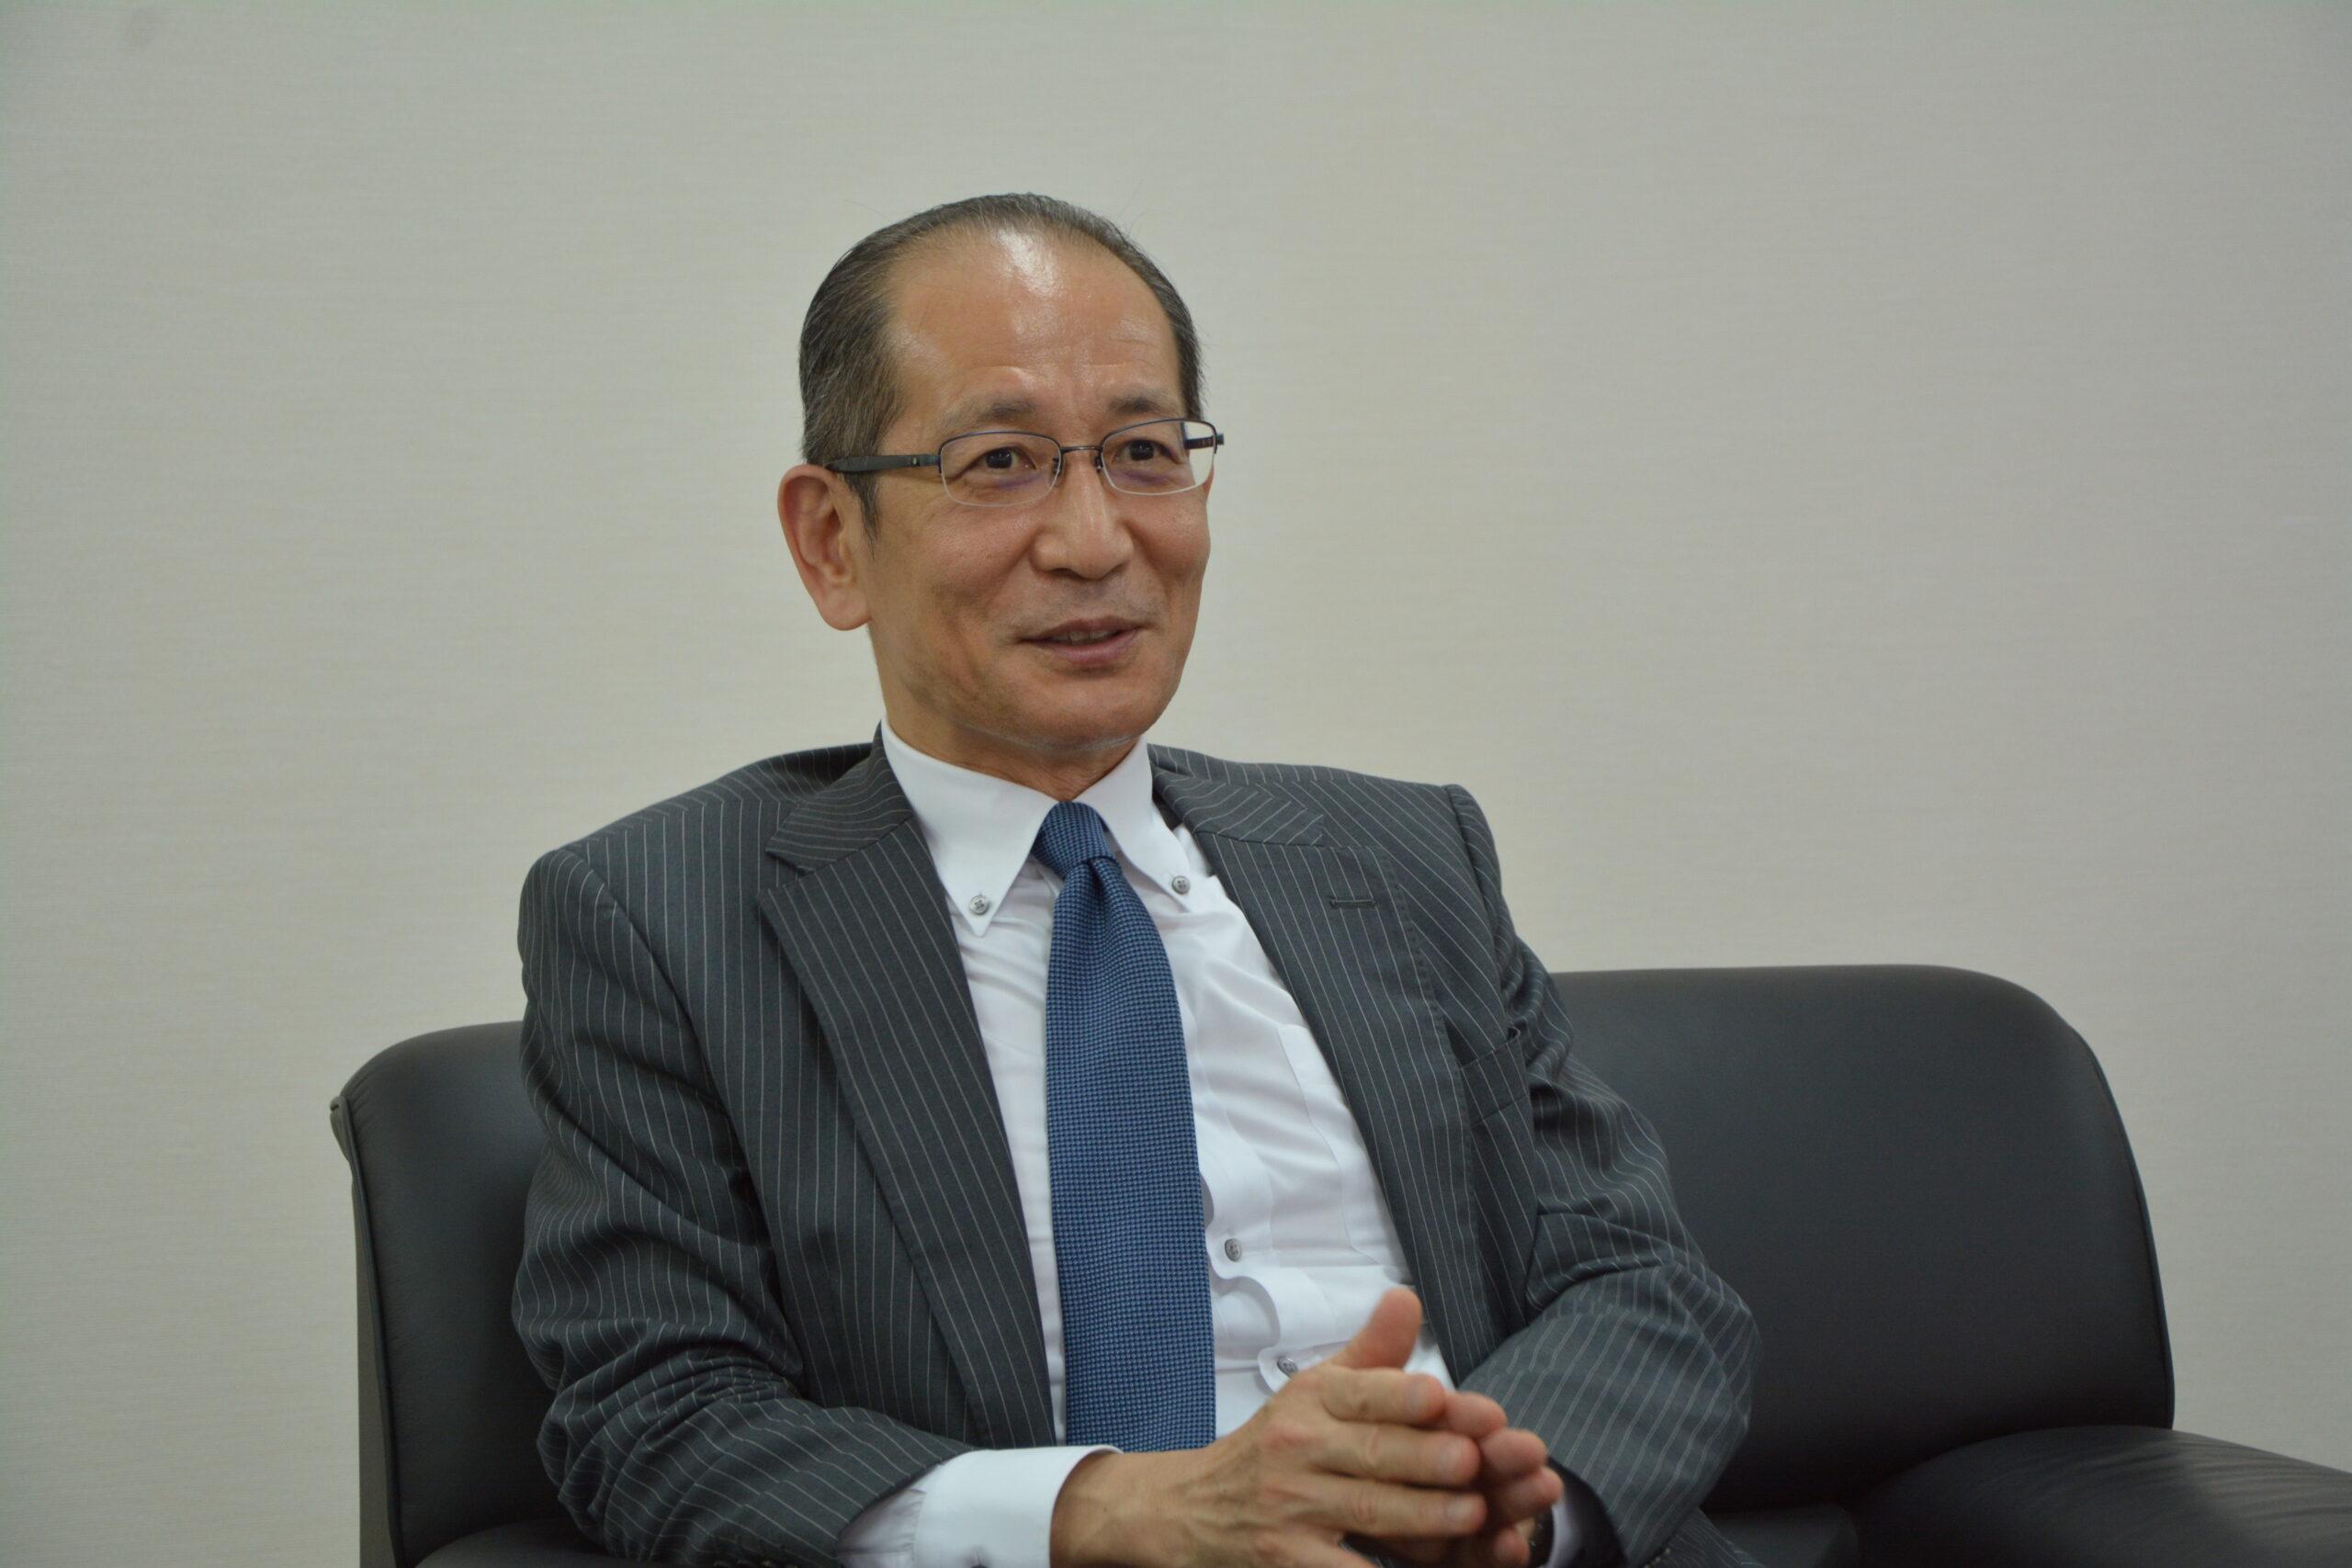 マンション管理の未来 ㊾三菱地所コミュニティ・駒田久社長(下)